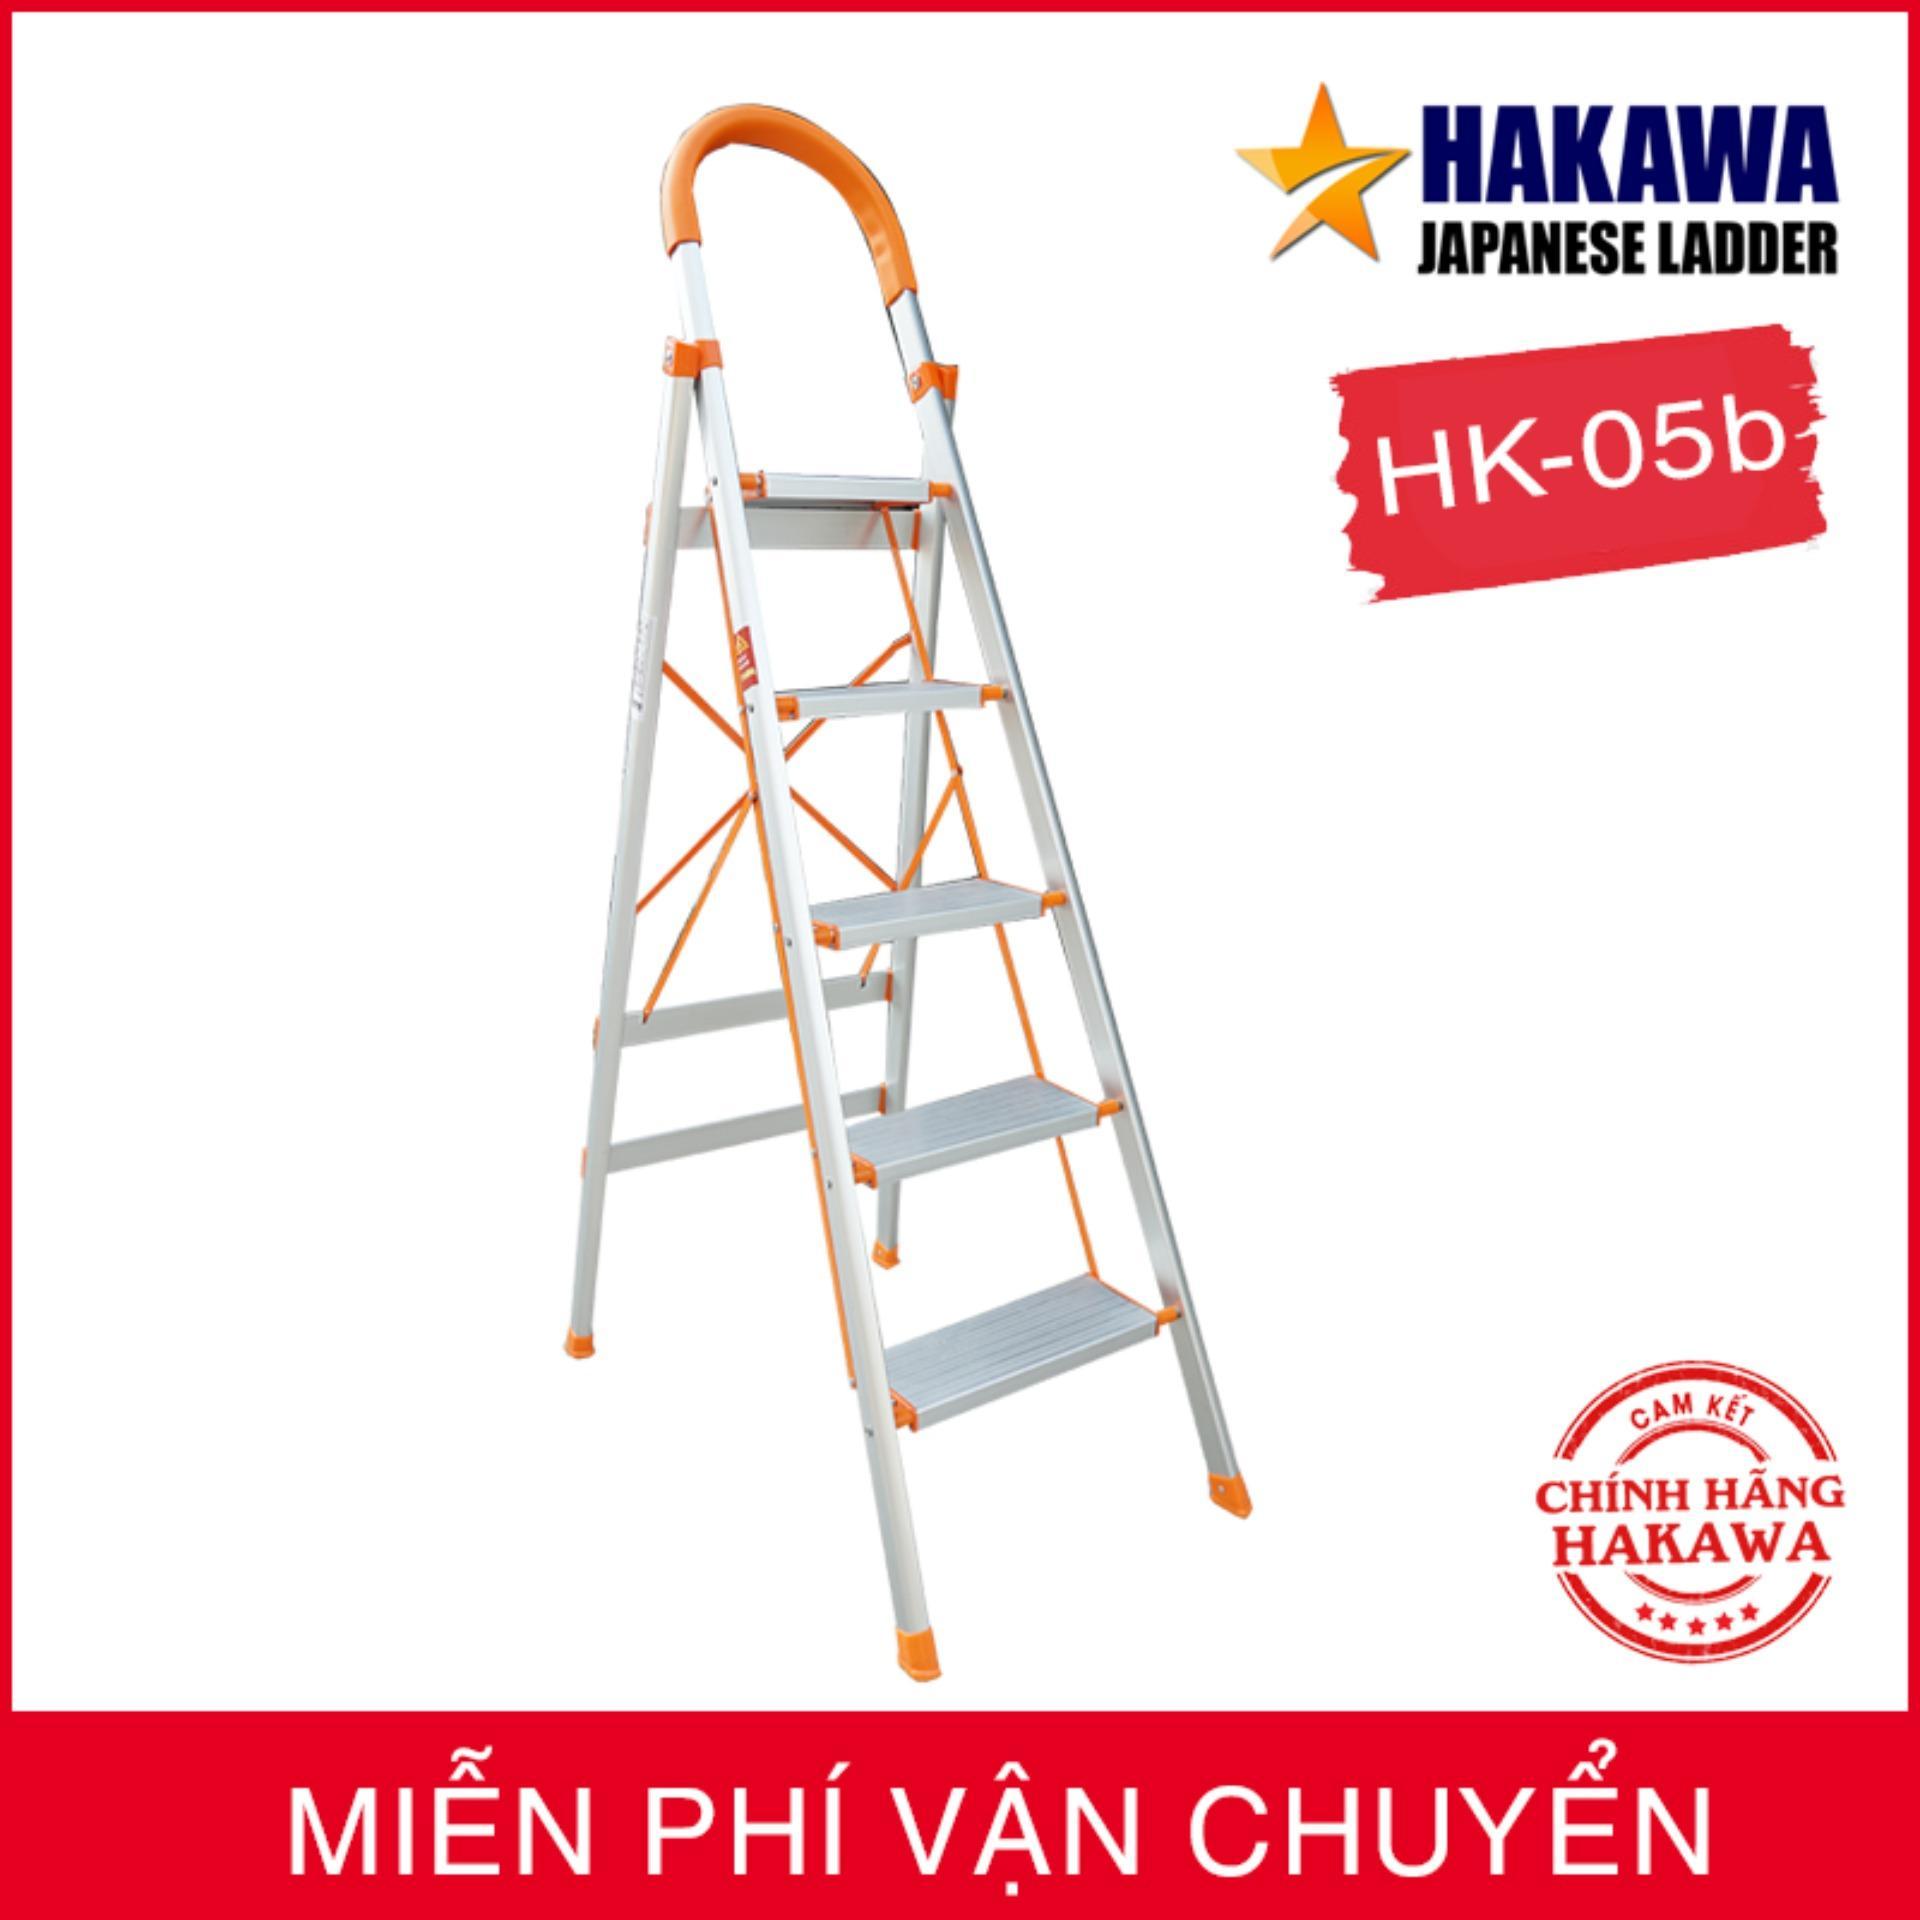 [BẢO HÀNH 2 NĂM] Thang nhôm ghế HAKAWA HK05B - Tiện lợi , dễ sử dụng , dễ di chuyển